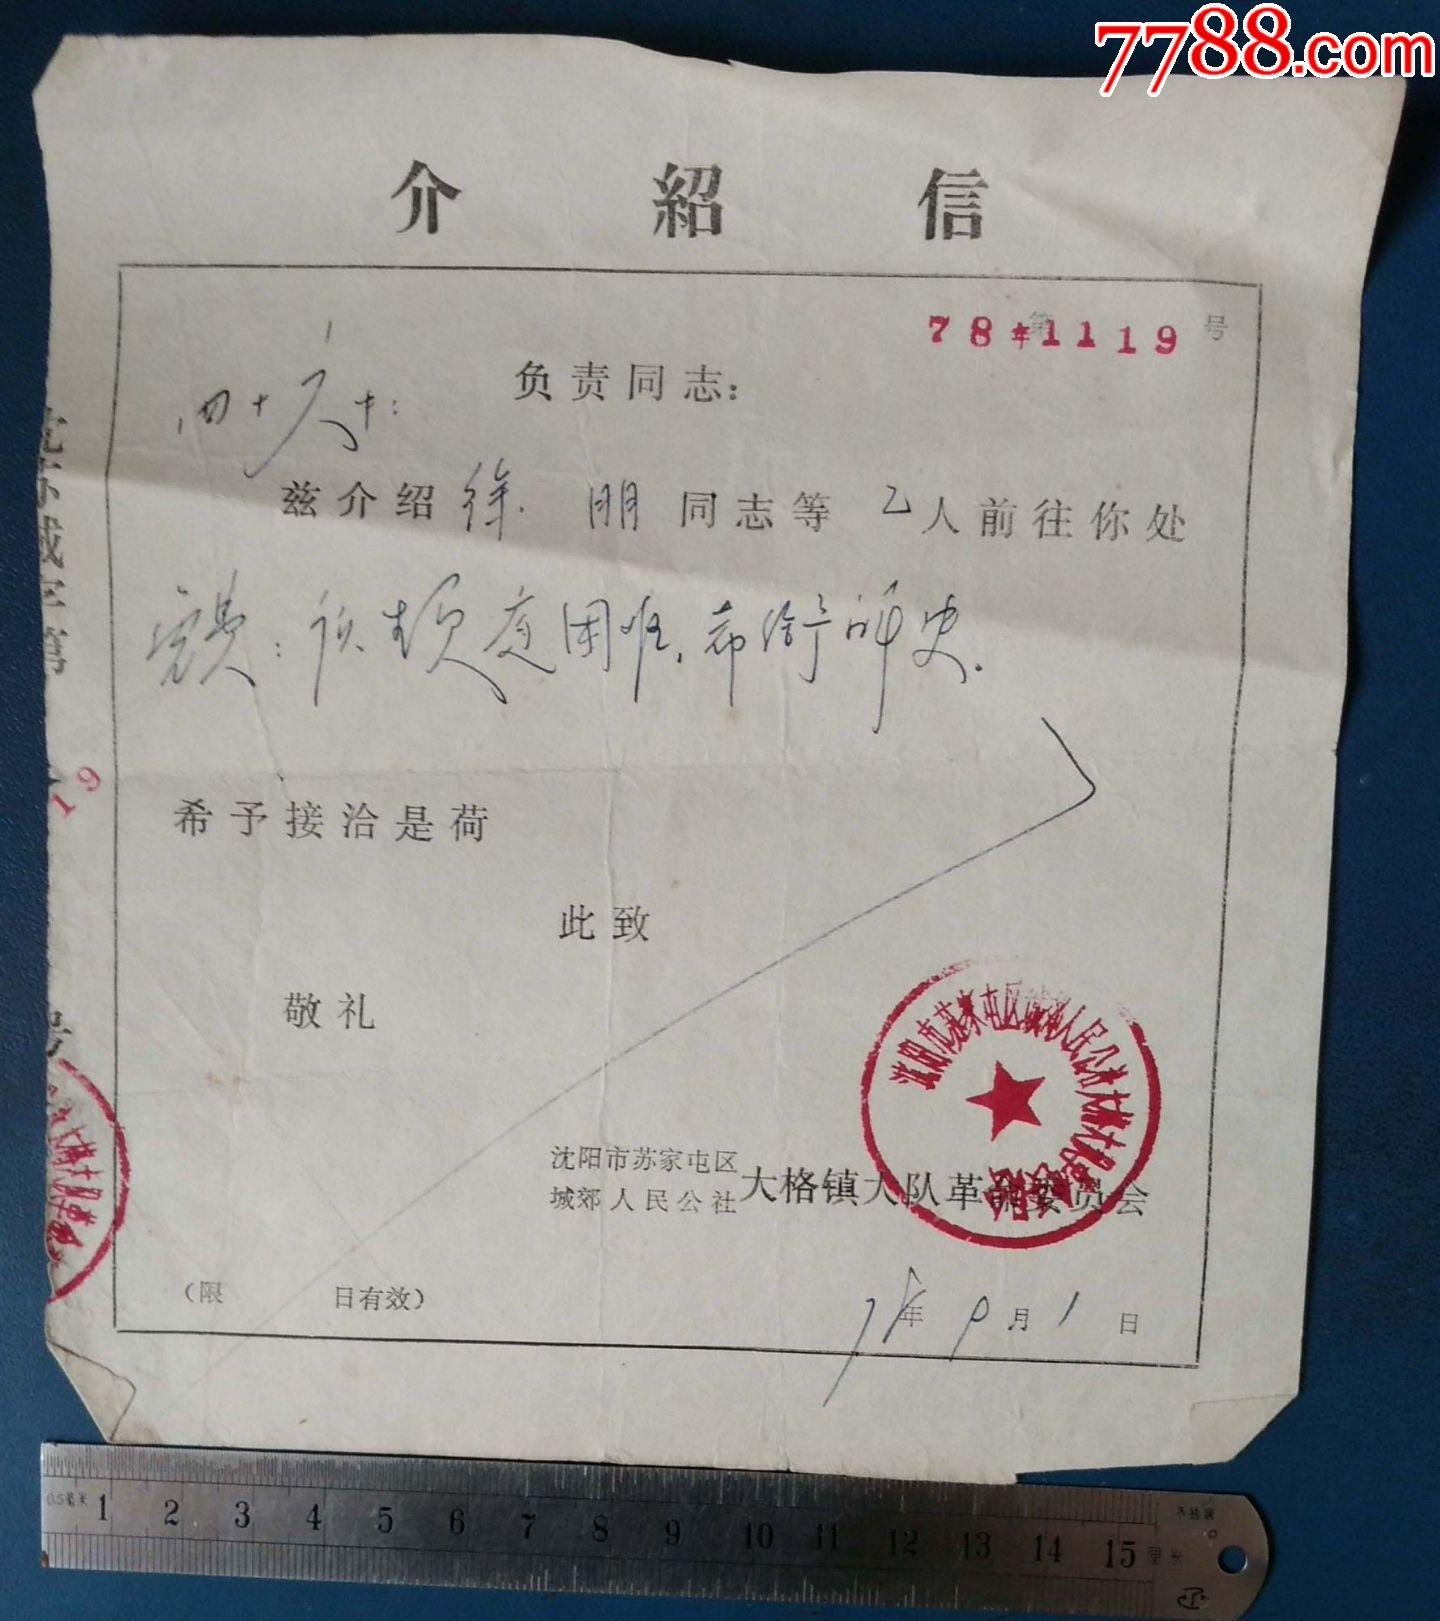 78年--沈阳46高中---免资源---沈阳苏家屯大格大队的.分享中学学费图片